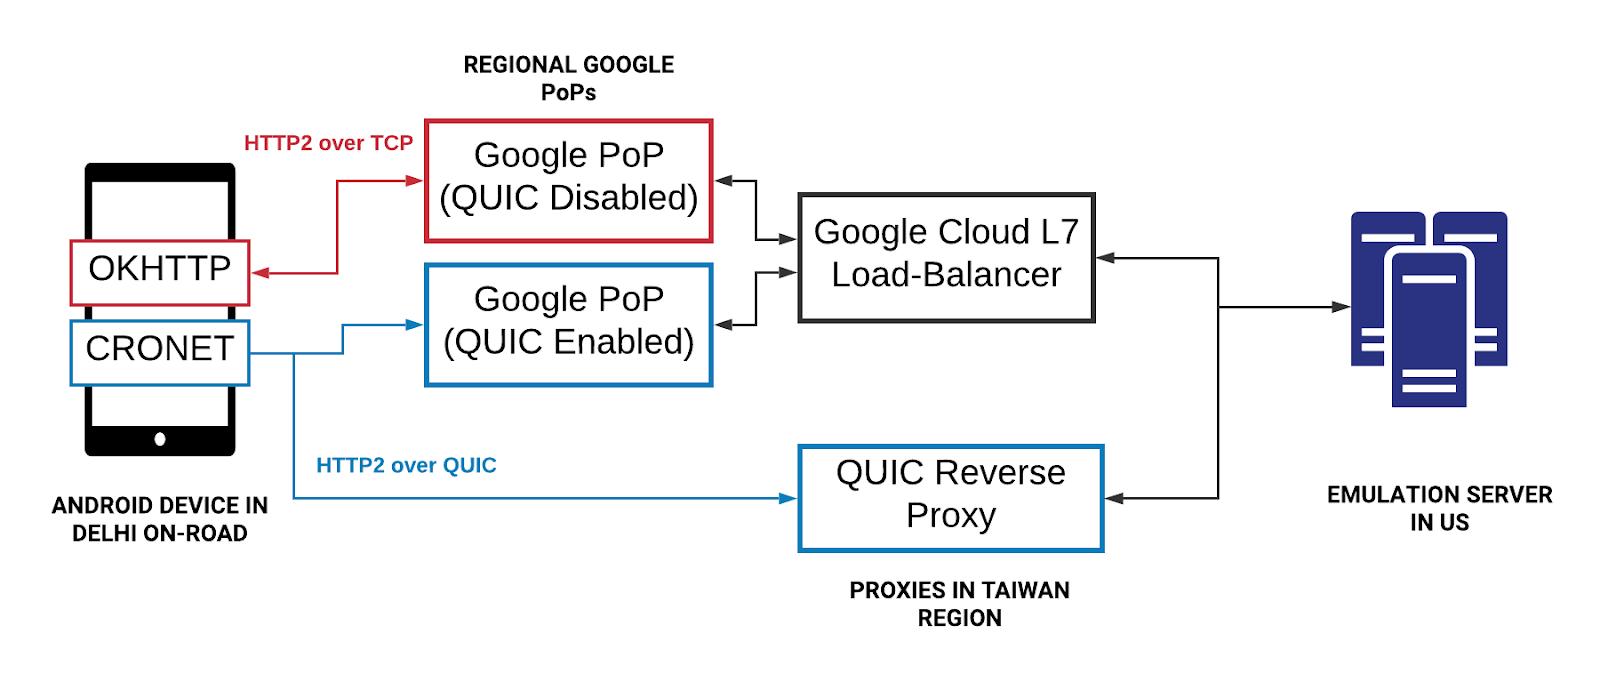 Протокол QUIC в деле: как его внедрял Uber, чтобы оптимизировать производительность - 9